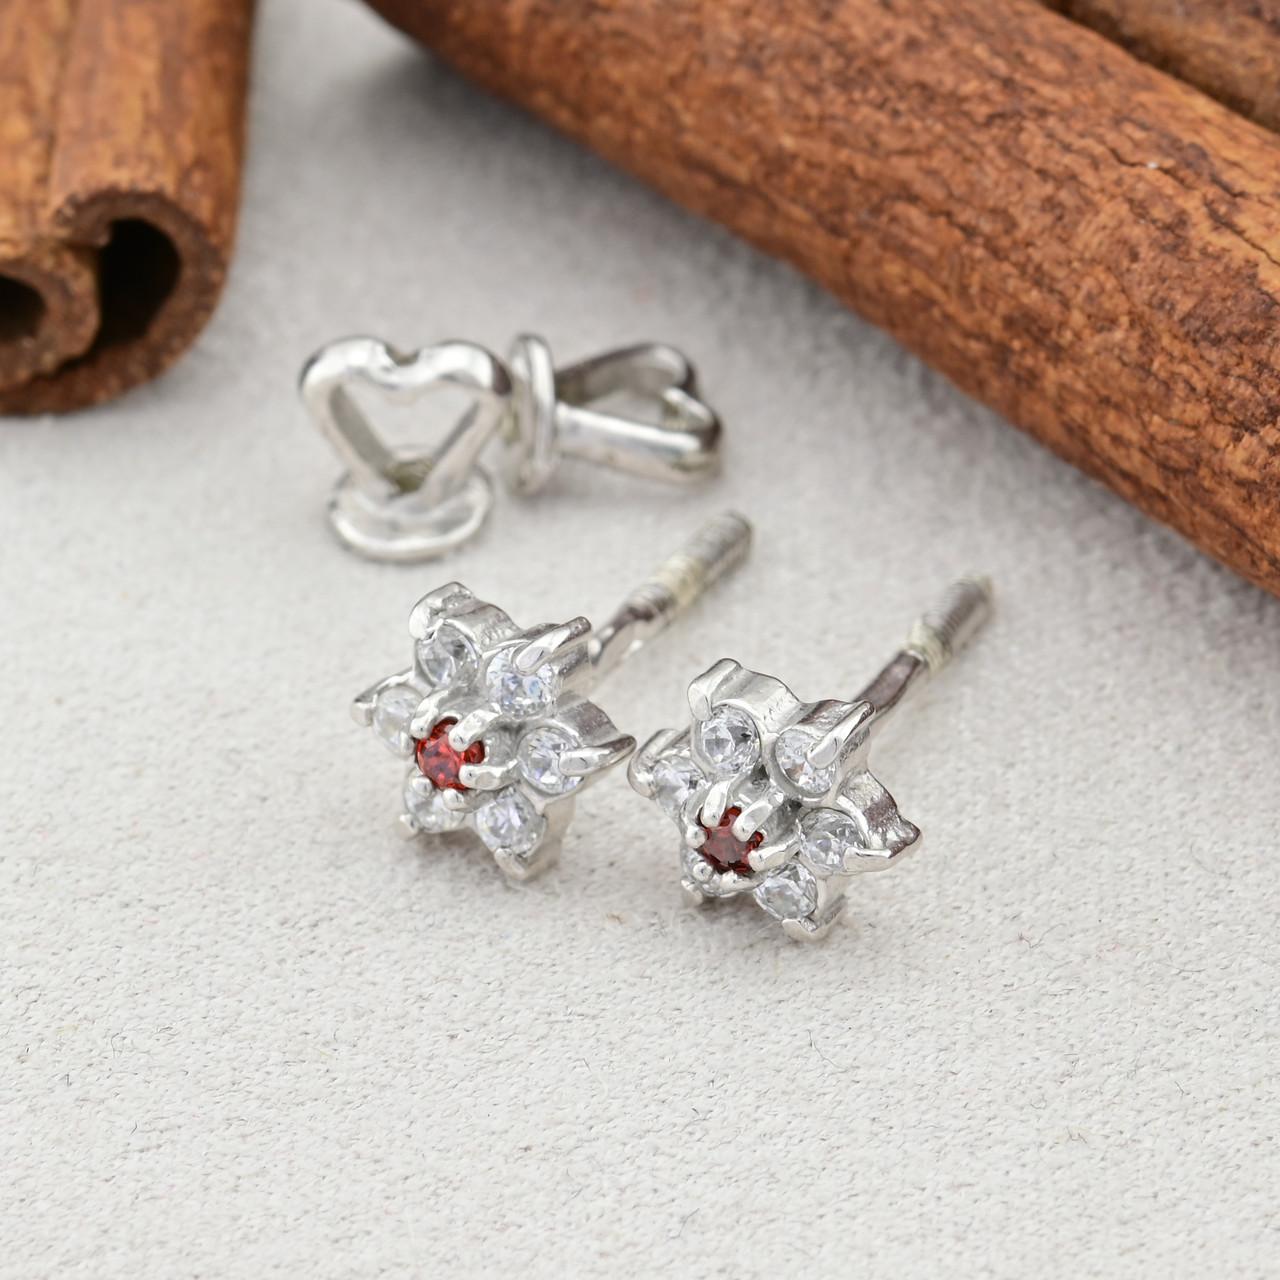 Серебряные серьги гвоздики П2120р размер 7х7 мм вставка красные фианиты вес 1.7 г